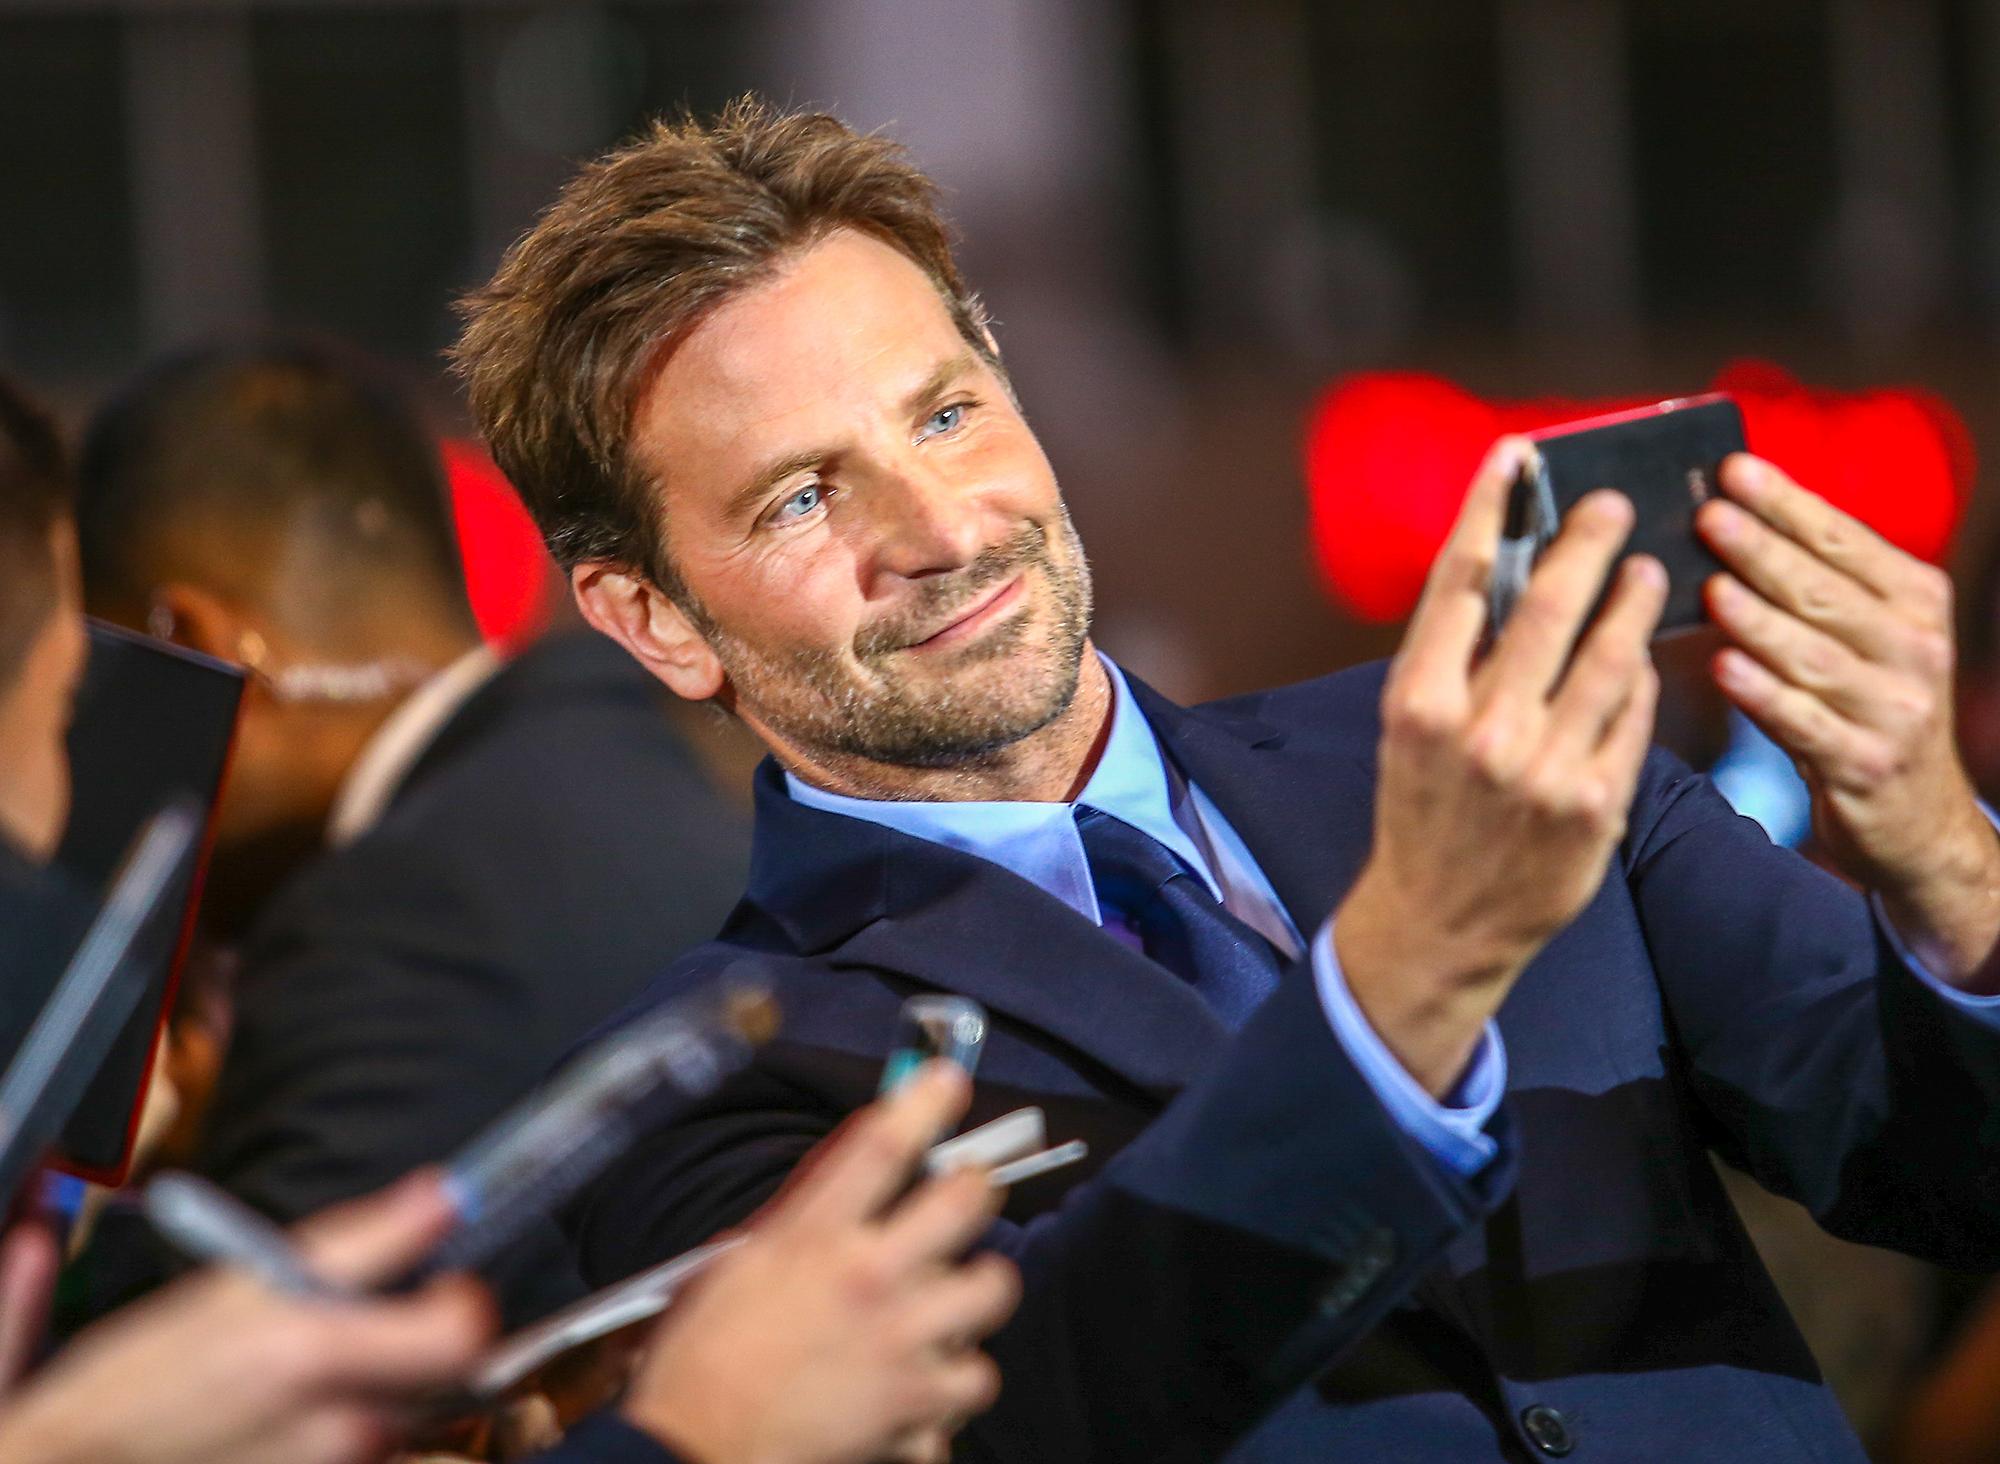 Bradley Cooper nem szűkölködik – és még ennél is gazdagabb lehet